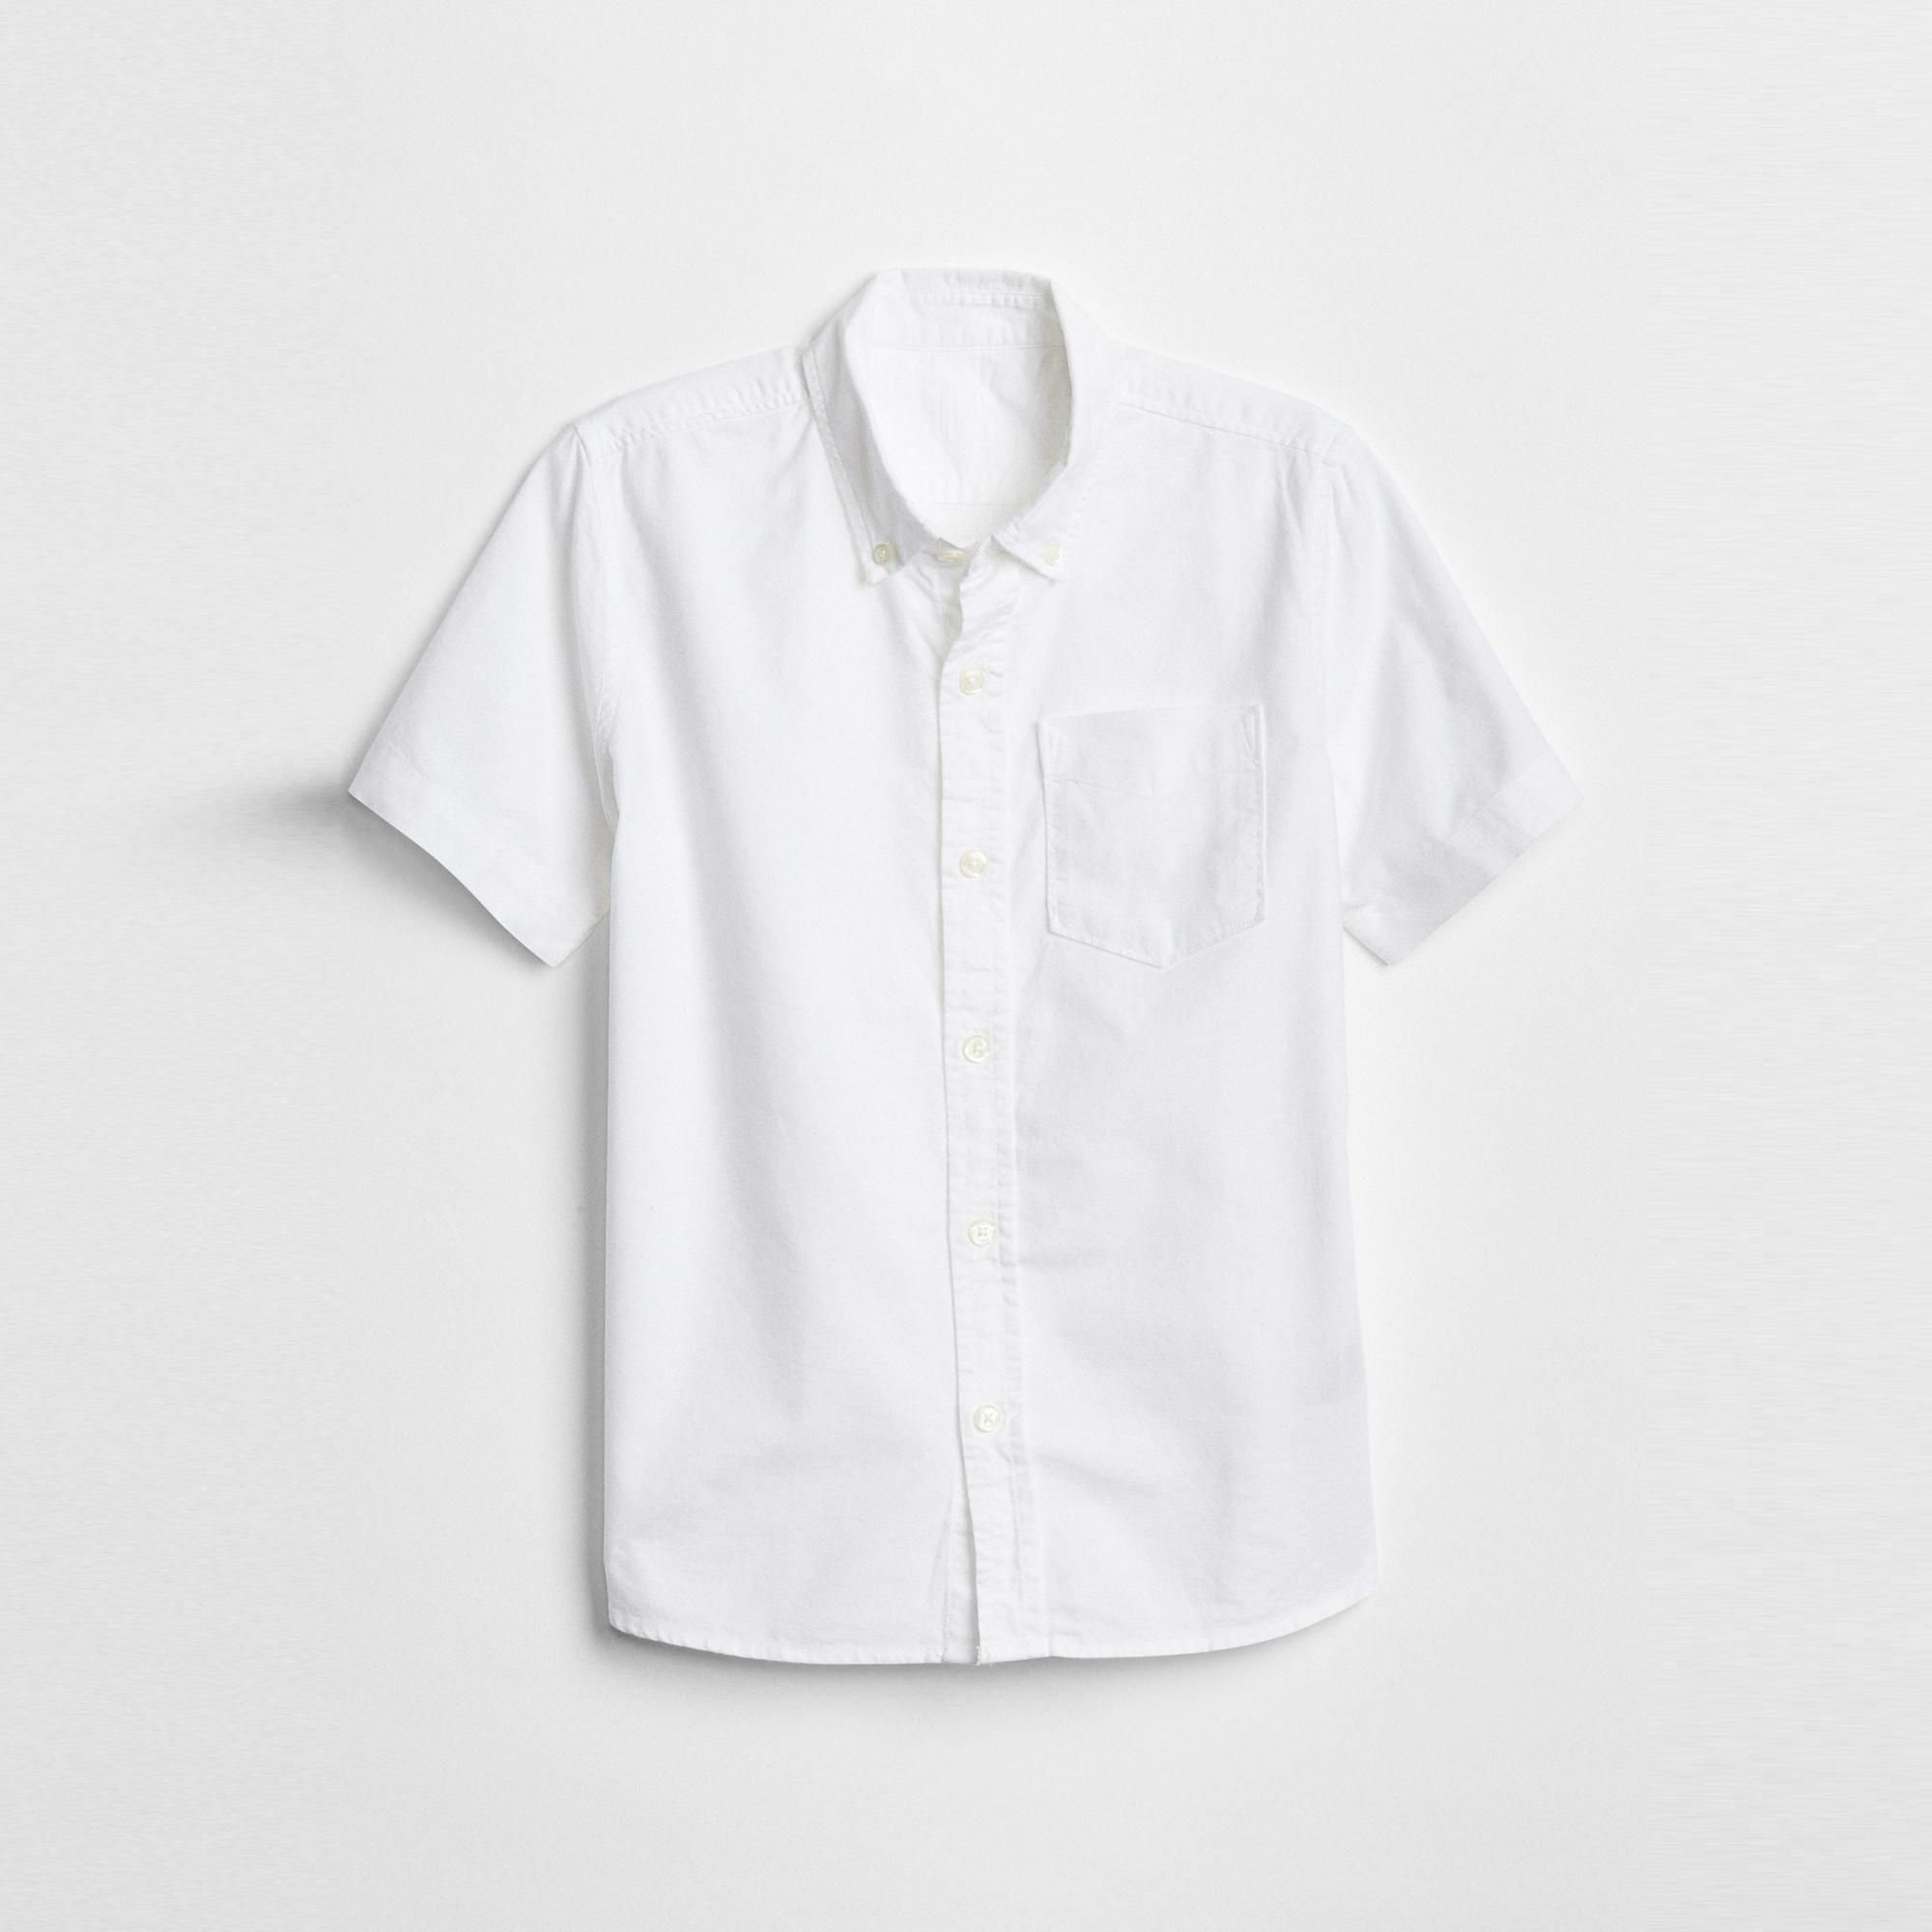 갭 남아 유니폼 옥스포드 반팔 셔츠